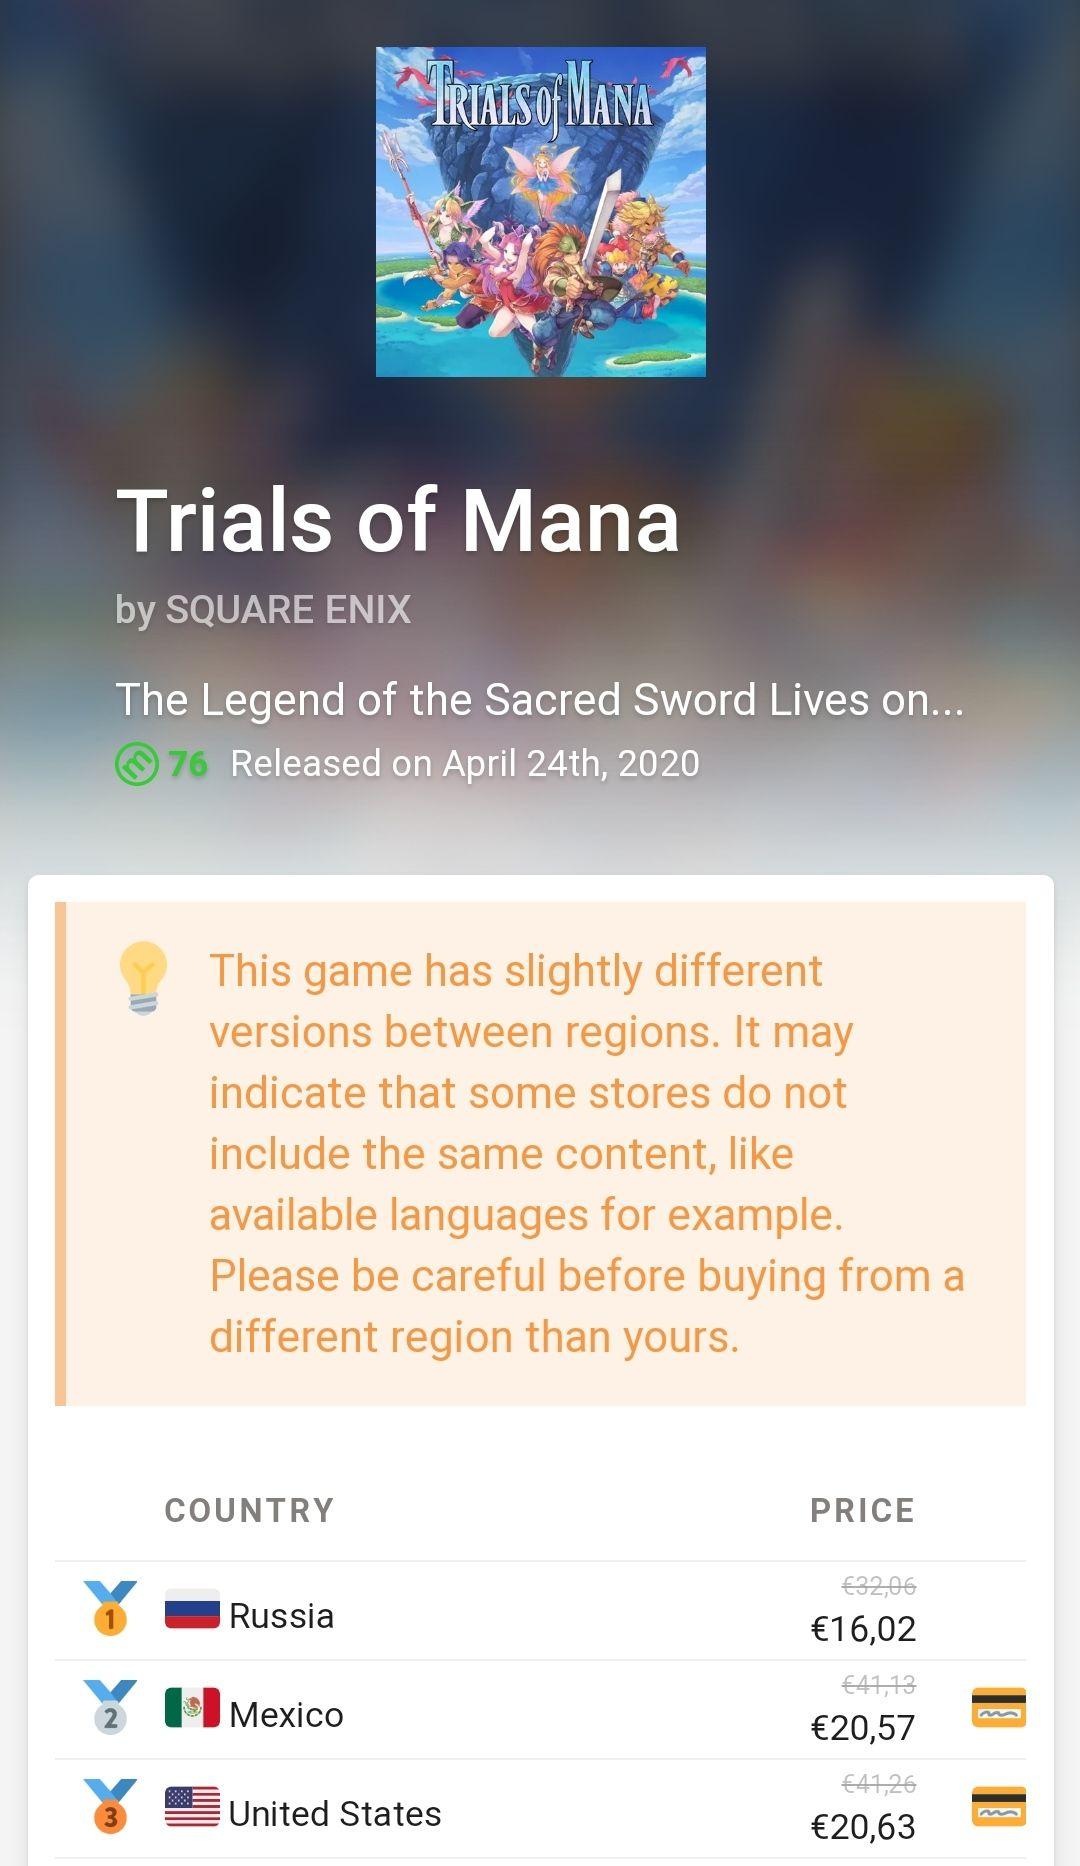 Trials of mana eshop Nintendo switch (RUS)